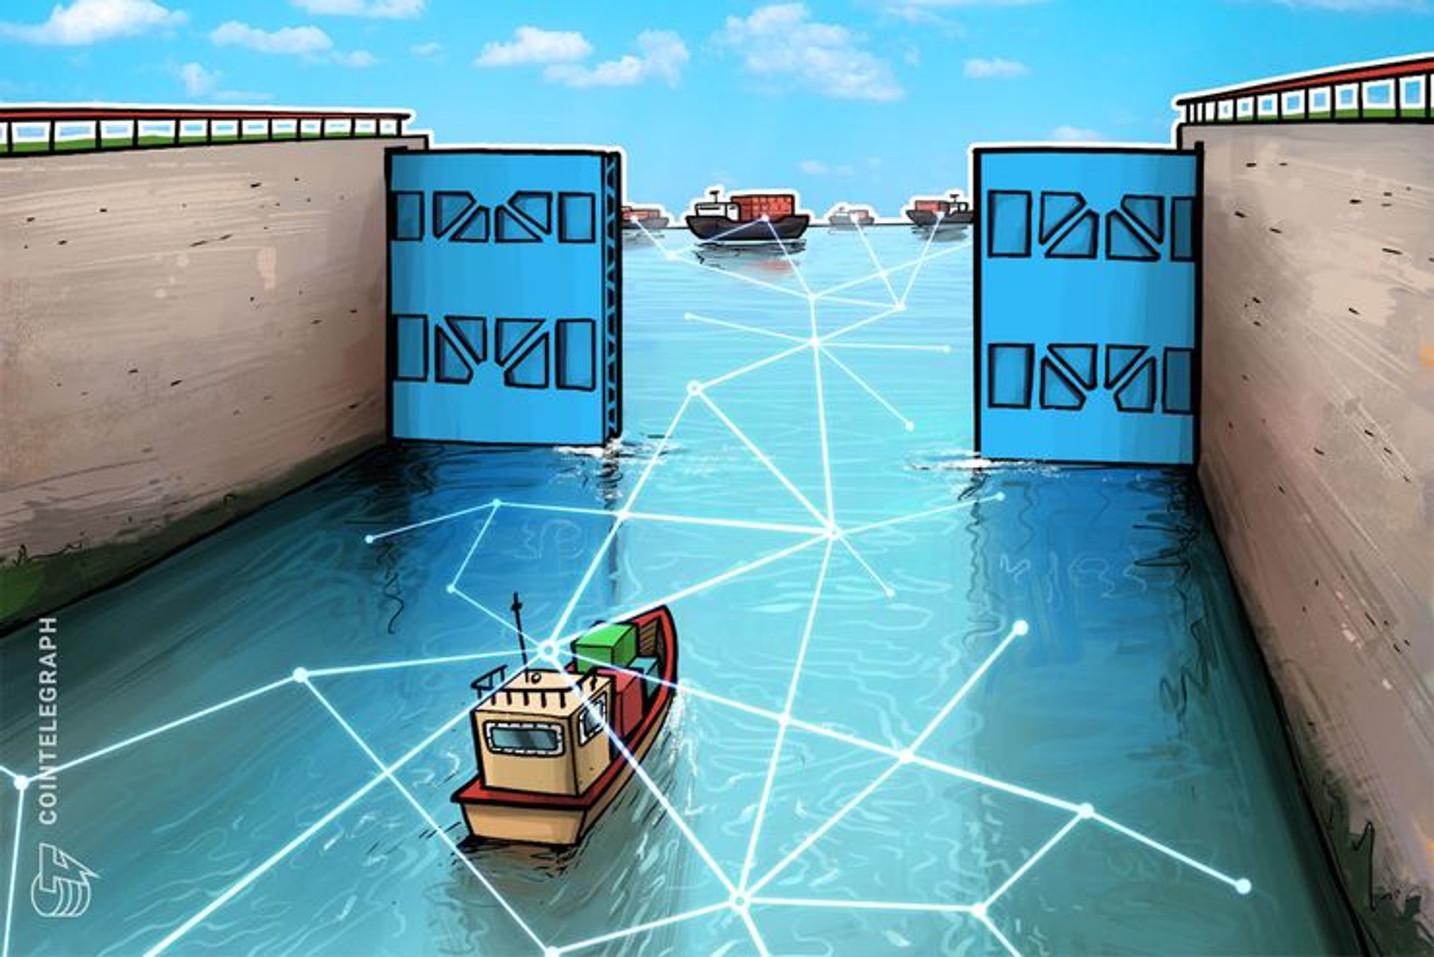 Rotterdamer Hafen setzt bei Logistik und Energie auf Blockchain